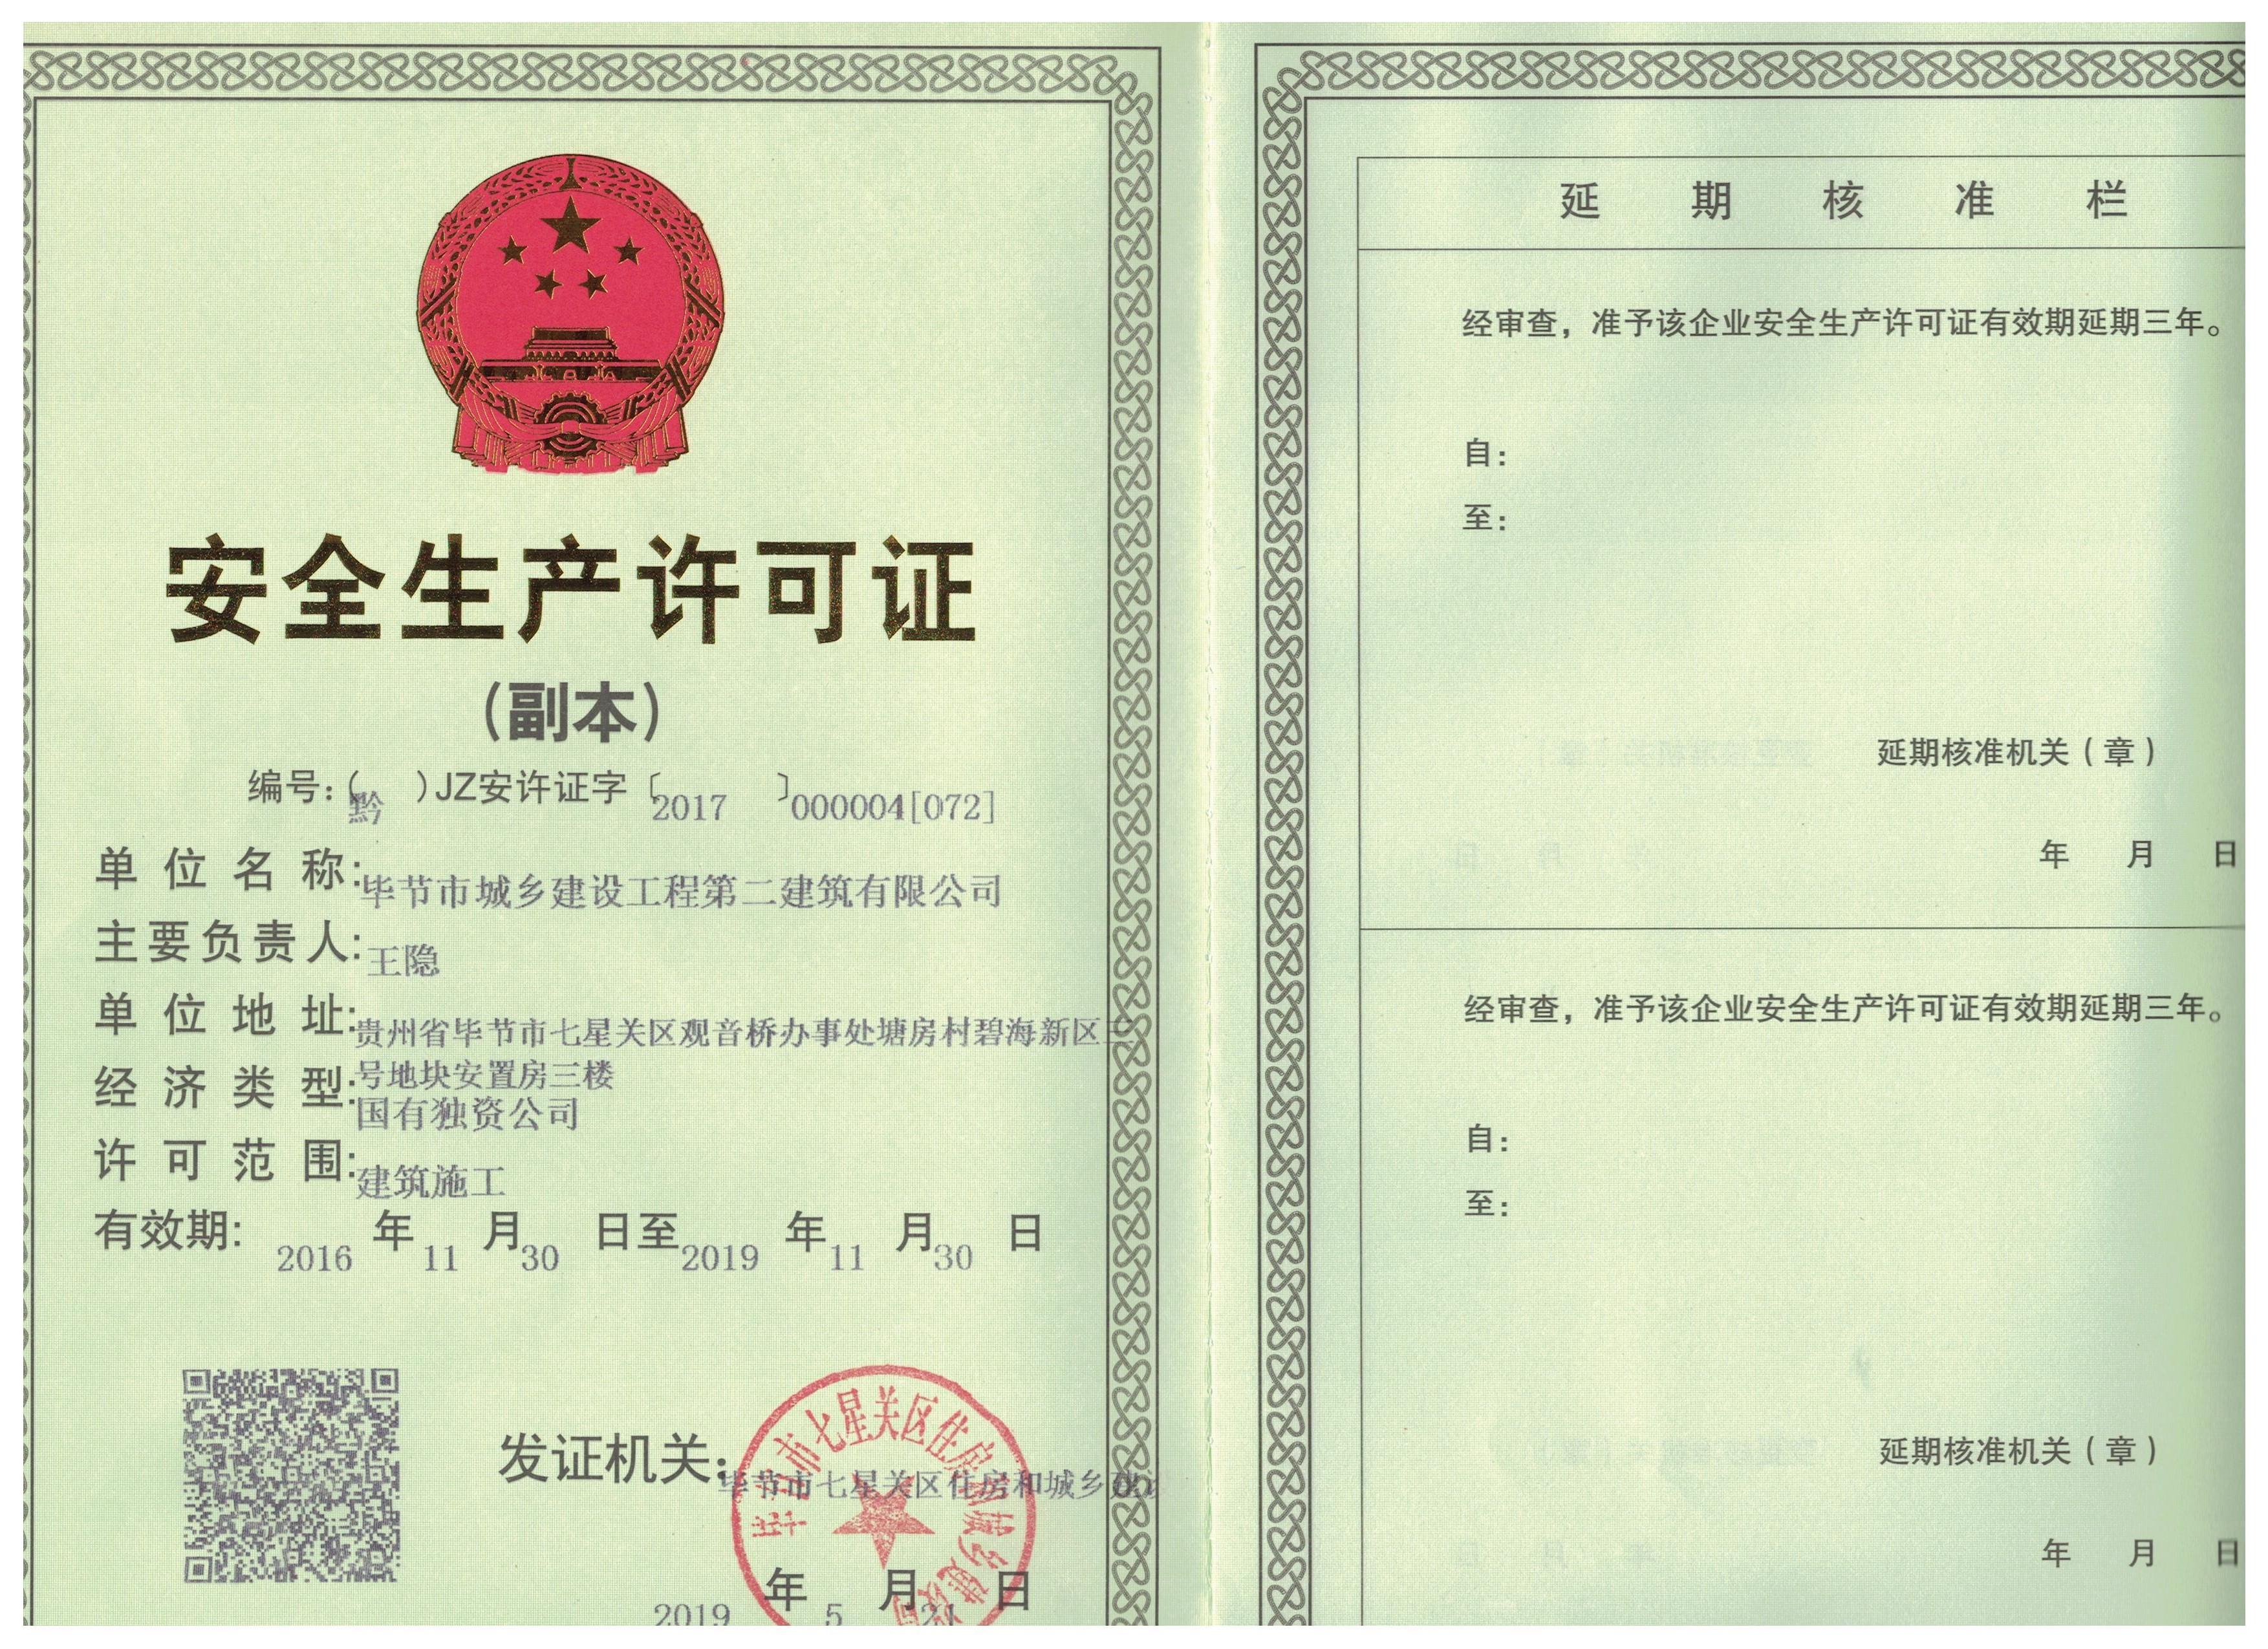 安全生產許可證001